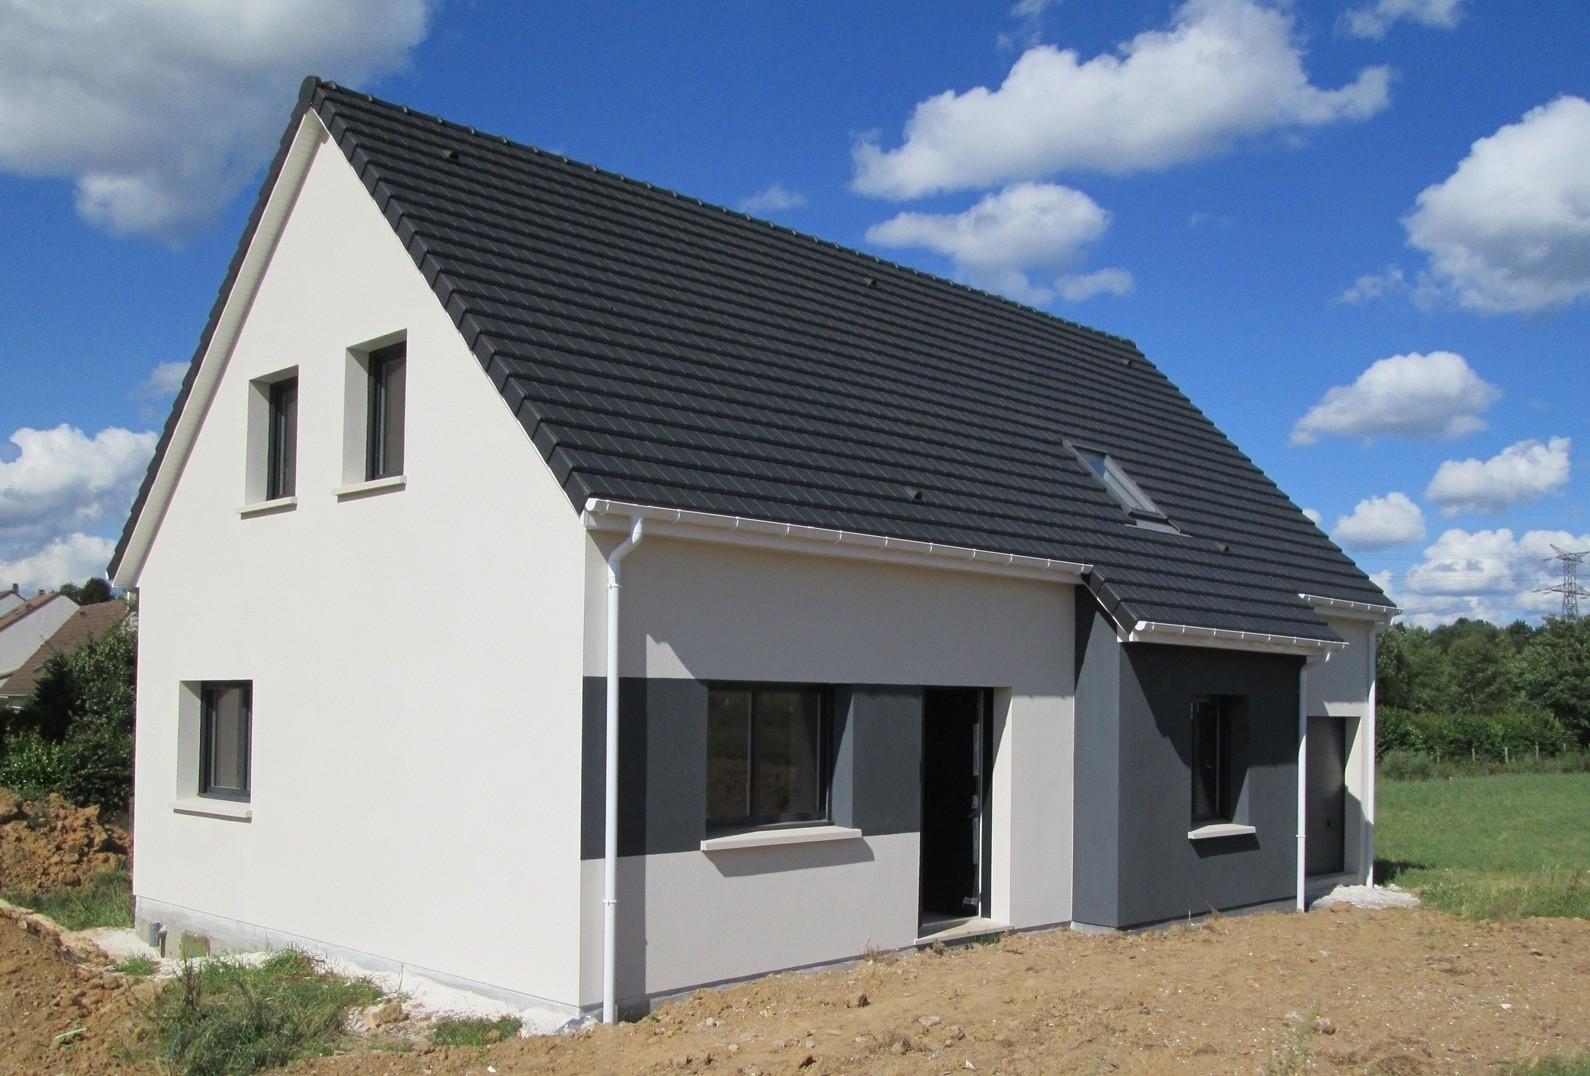 Maisons + Terrains du constructeur MAISON FAMILIALE COIGNIERES • 110 m² • DREUX